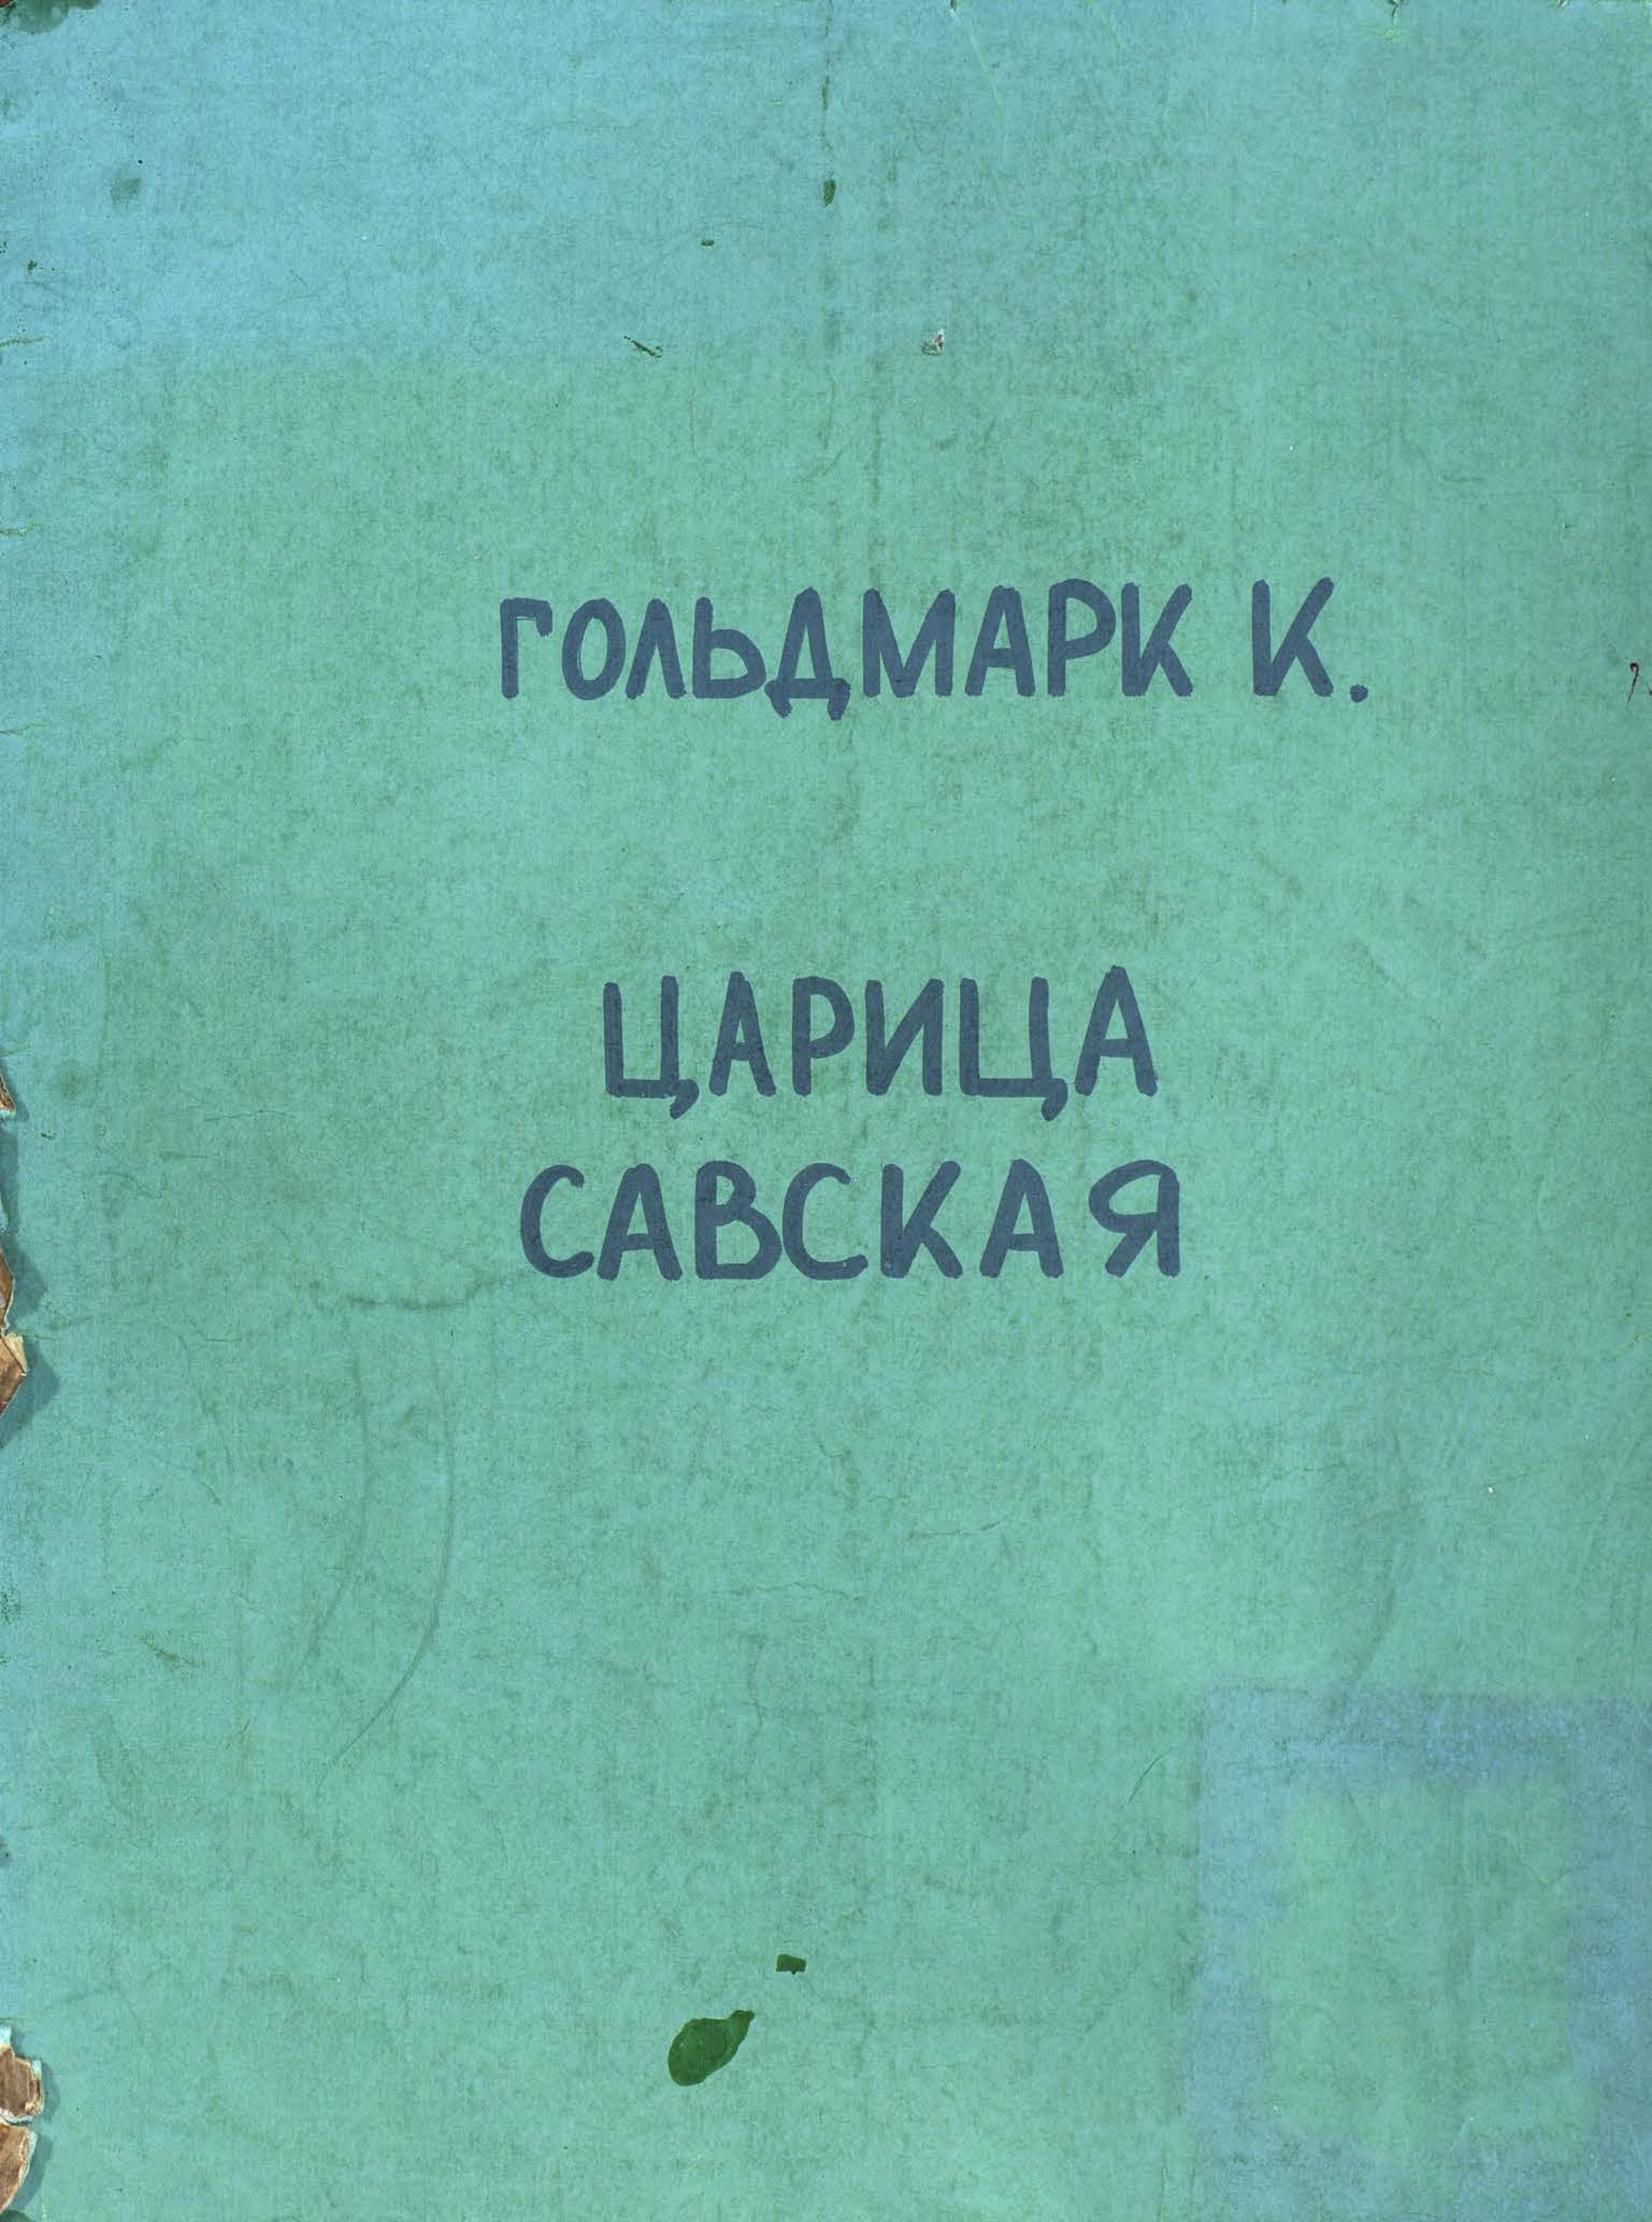 Карл Гольдмарк Die Konigin von Saba a sonnenfeld konigin luise von preussen eine lebensbeschreibung fur die madchenwelt